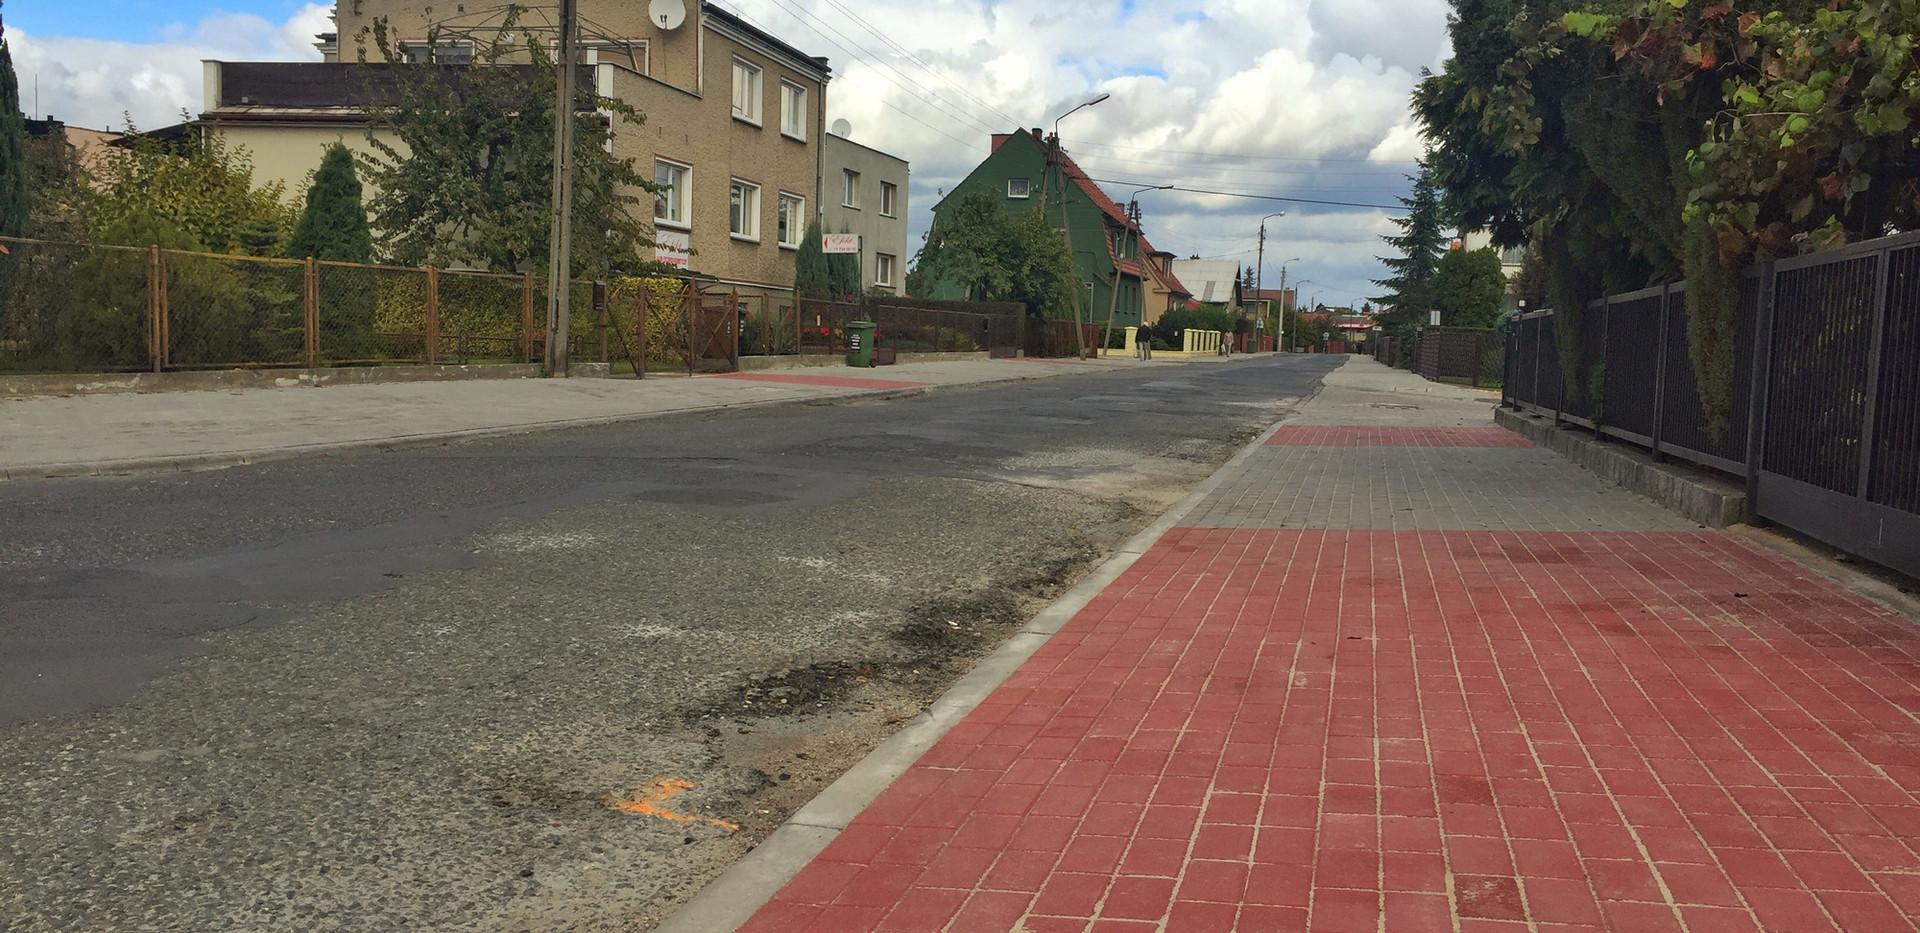 Długo oczekiwaną inwestycją był remont chodników wzdluż ulicy Ogrodowej